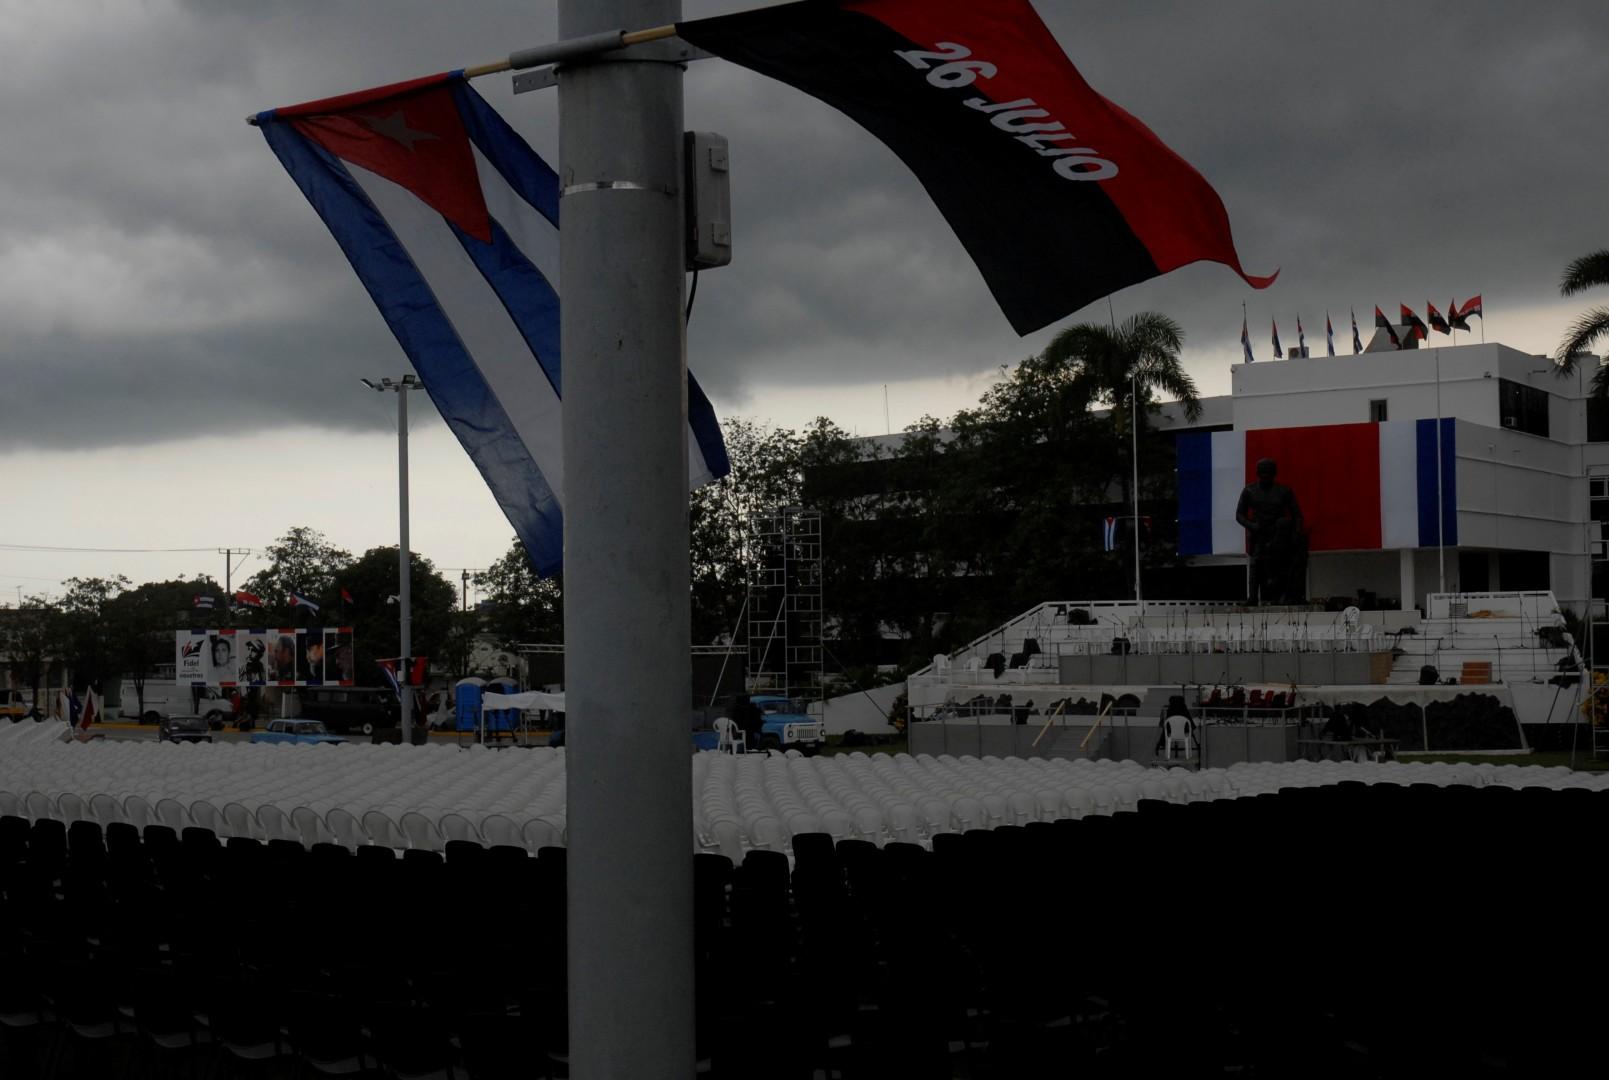 Serafín Sánchez, Plaza de la Revolución, Sancti Spíritus, 26 de Julio, Moncada